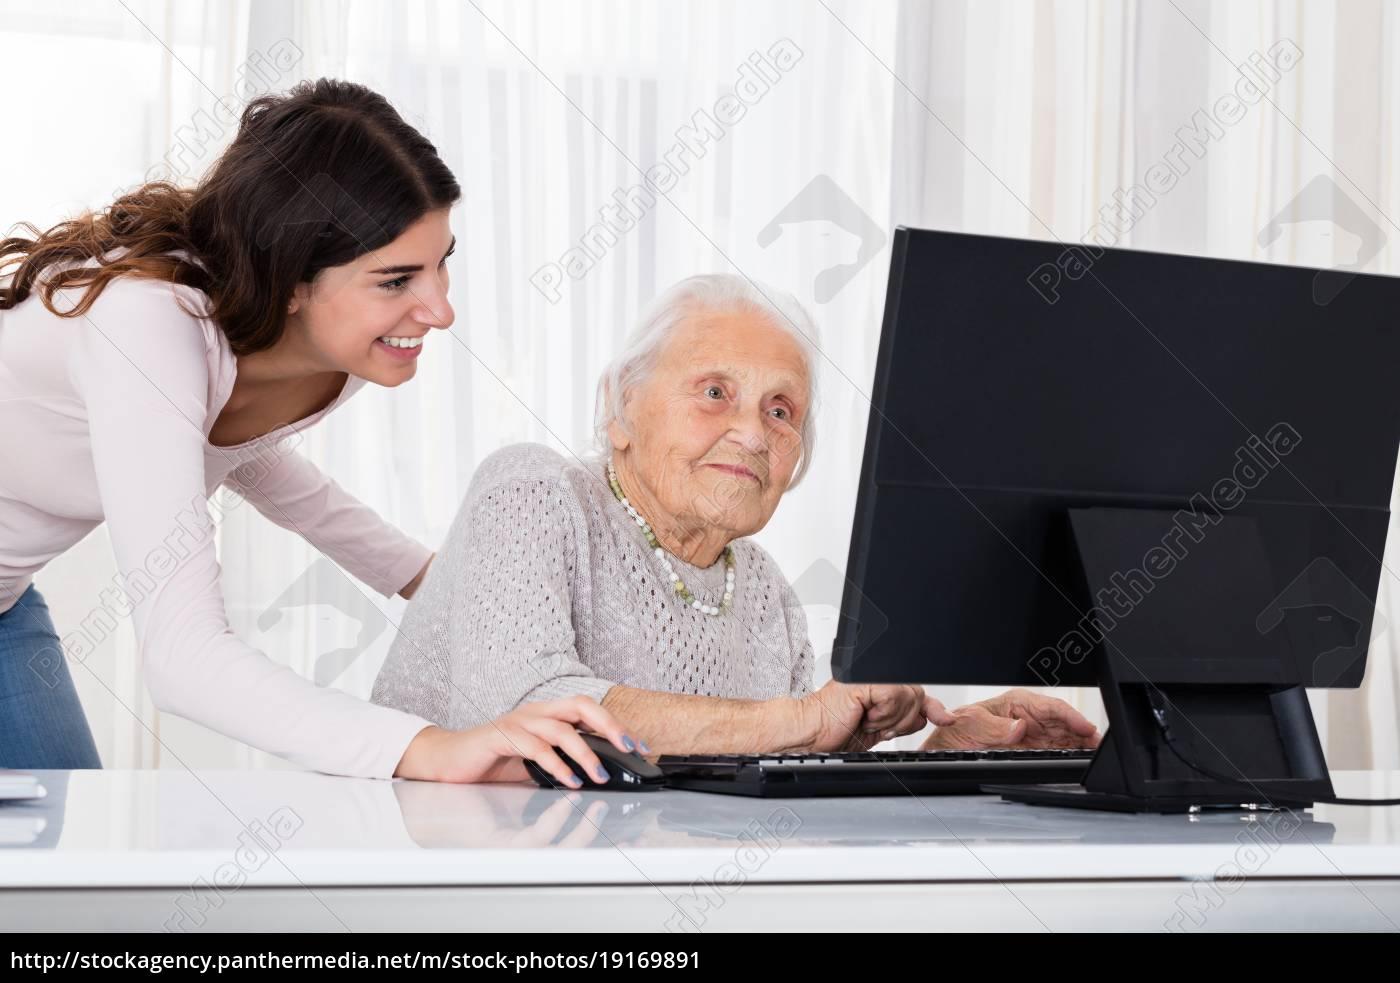 two, smiling, women, using, laptop - 19169891